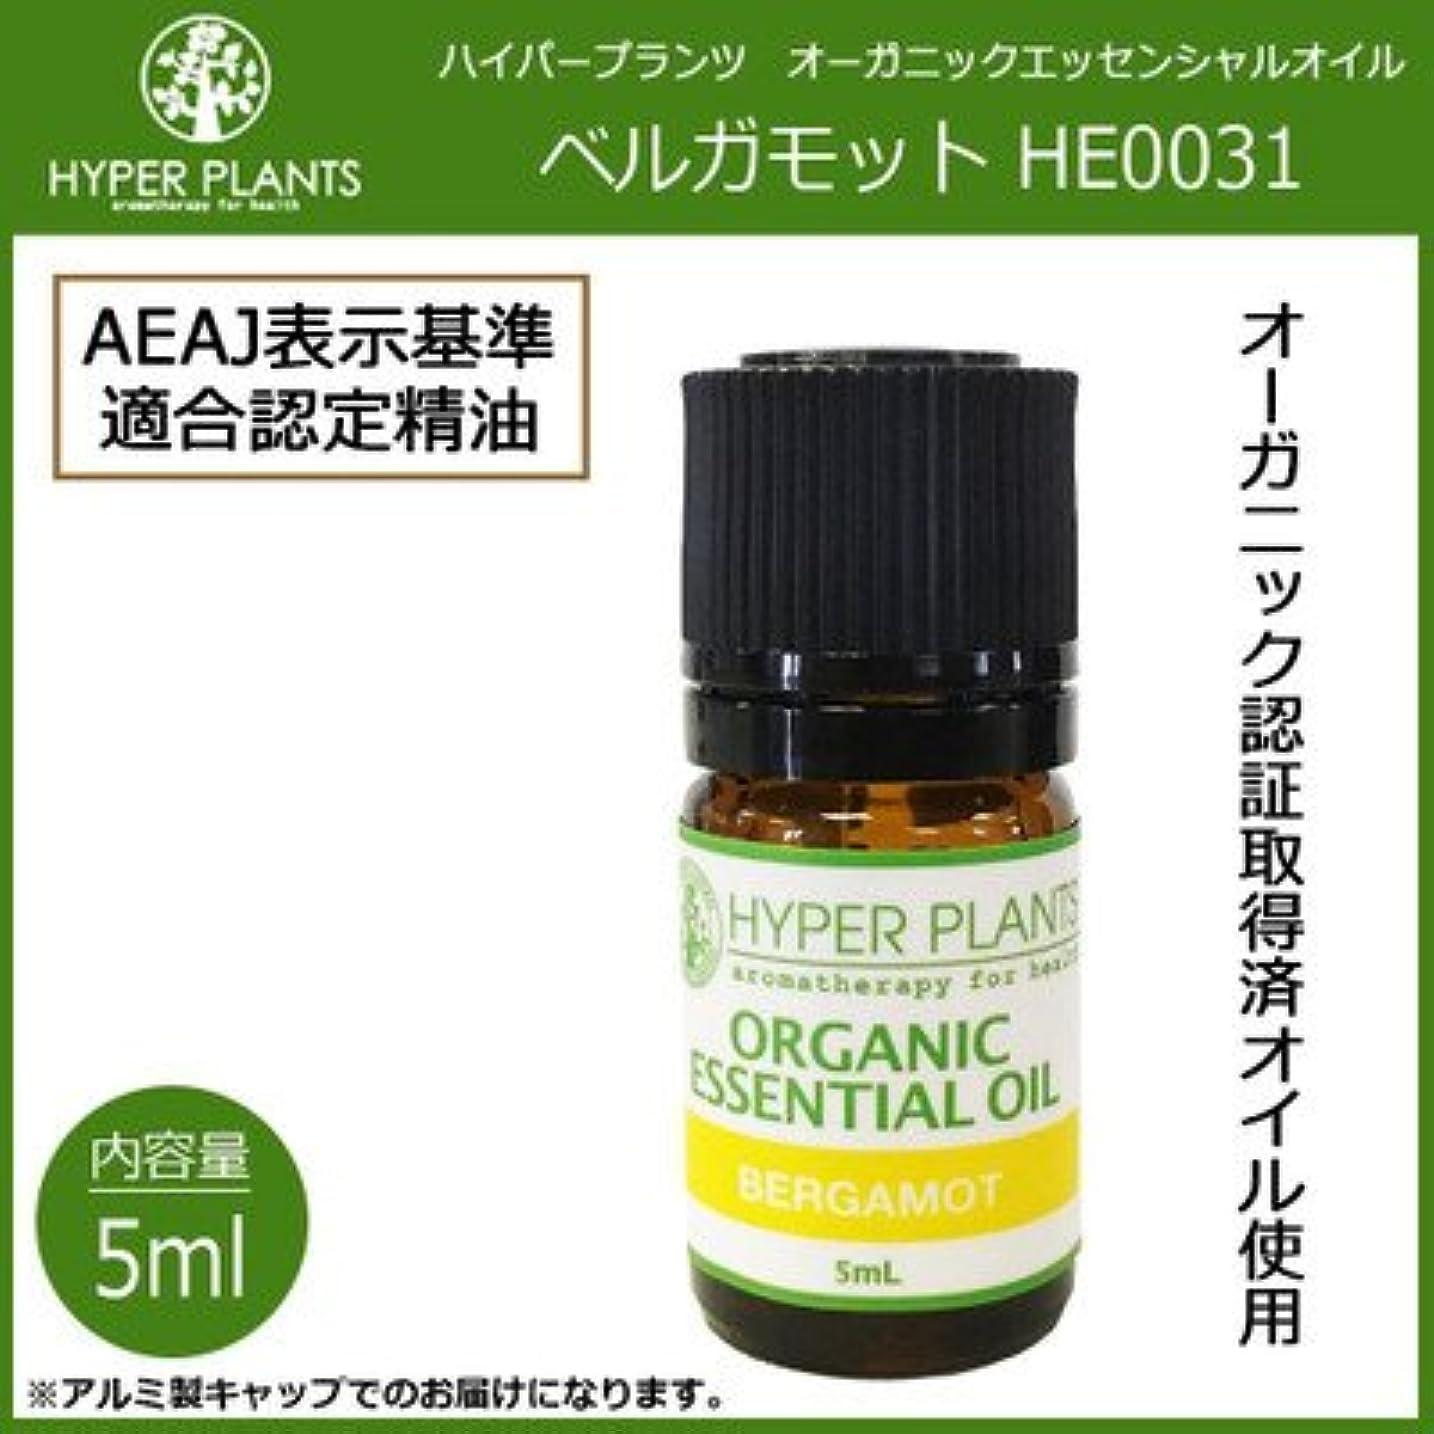 毎日の生活にアロマの香りを HYPER PLANTS ハイパープランツ オーガニックエッセンシャルオイル ベルガモット 5ml HE0031